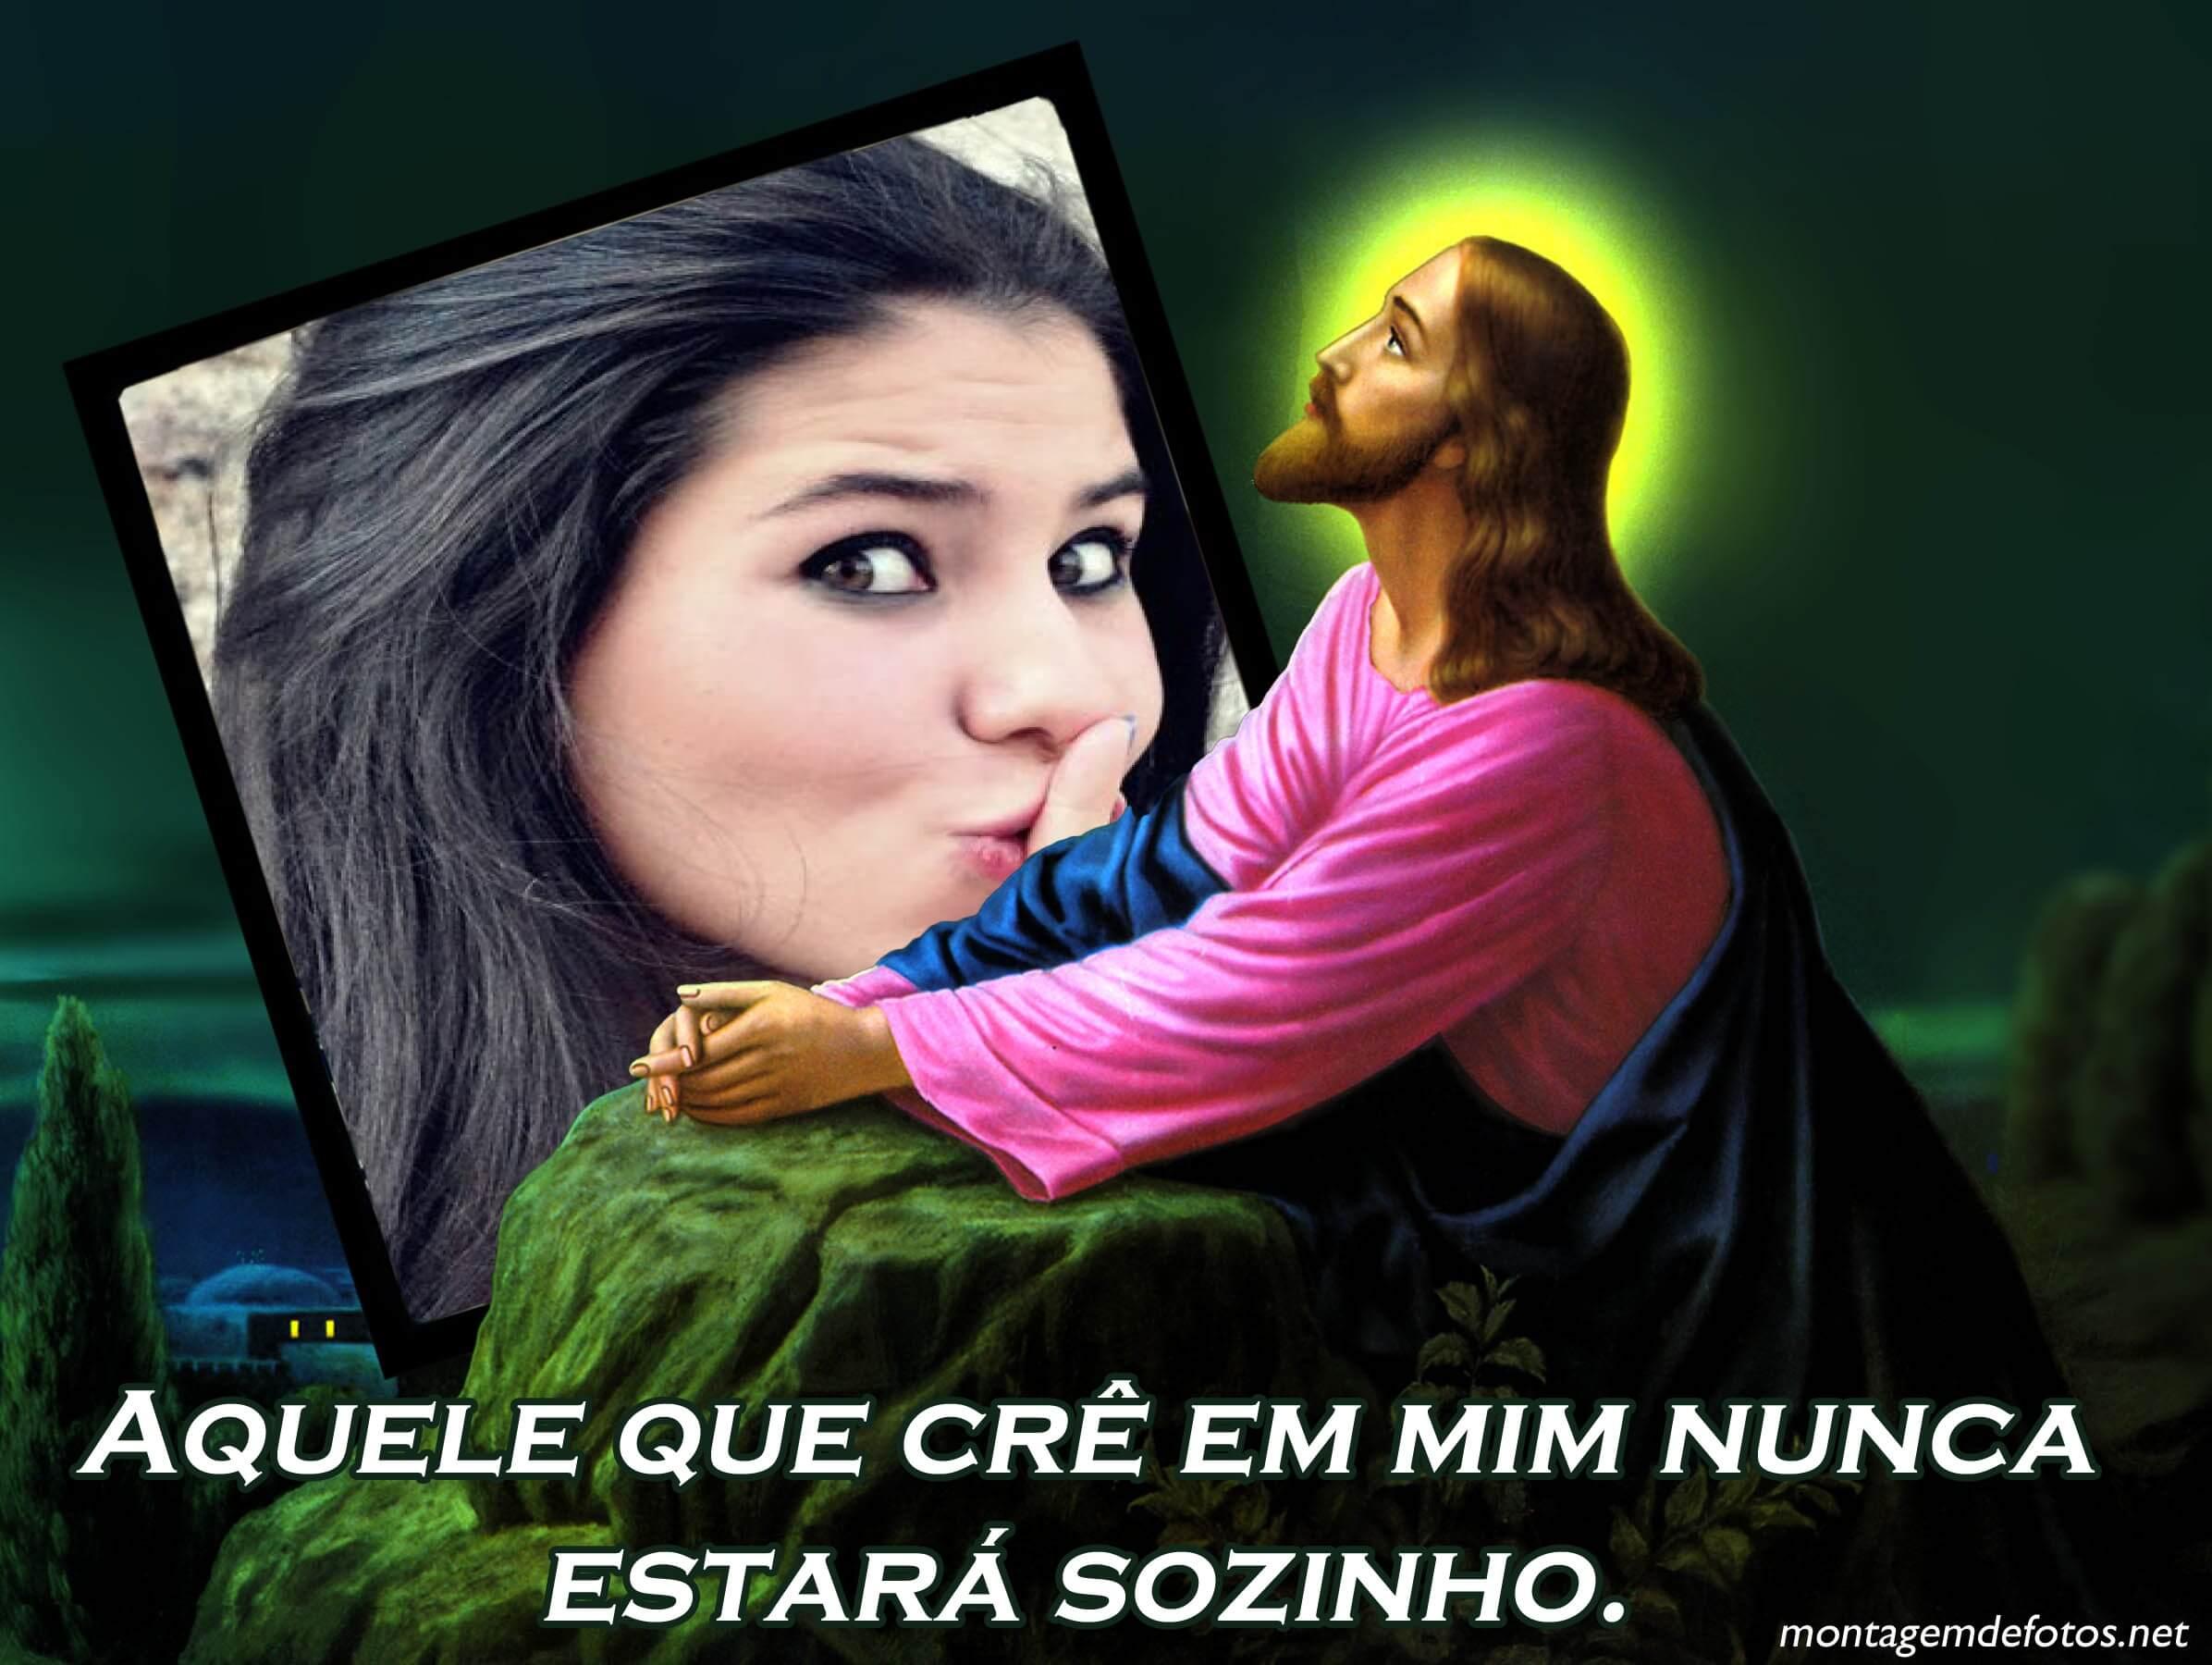 molduras-de-fotos-jesus-cristo-com-mensagem